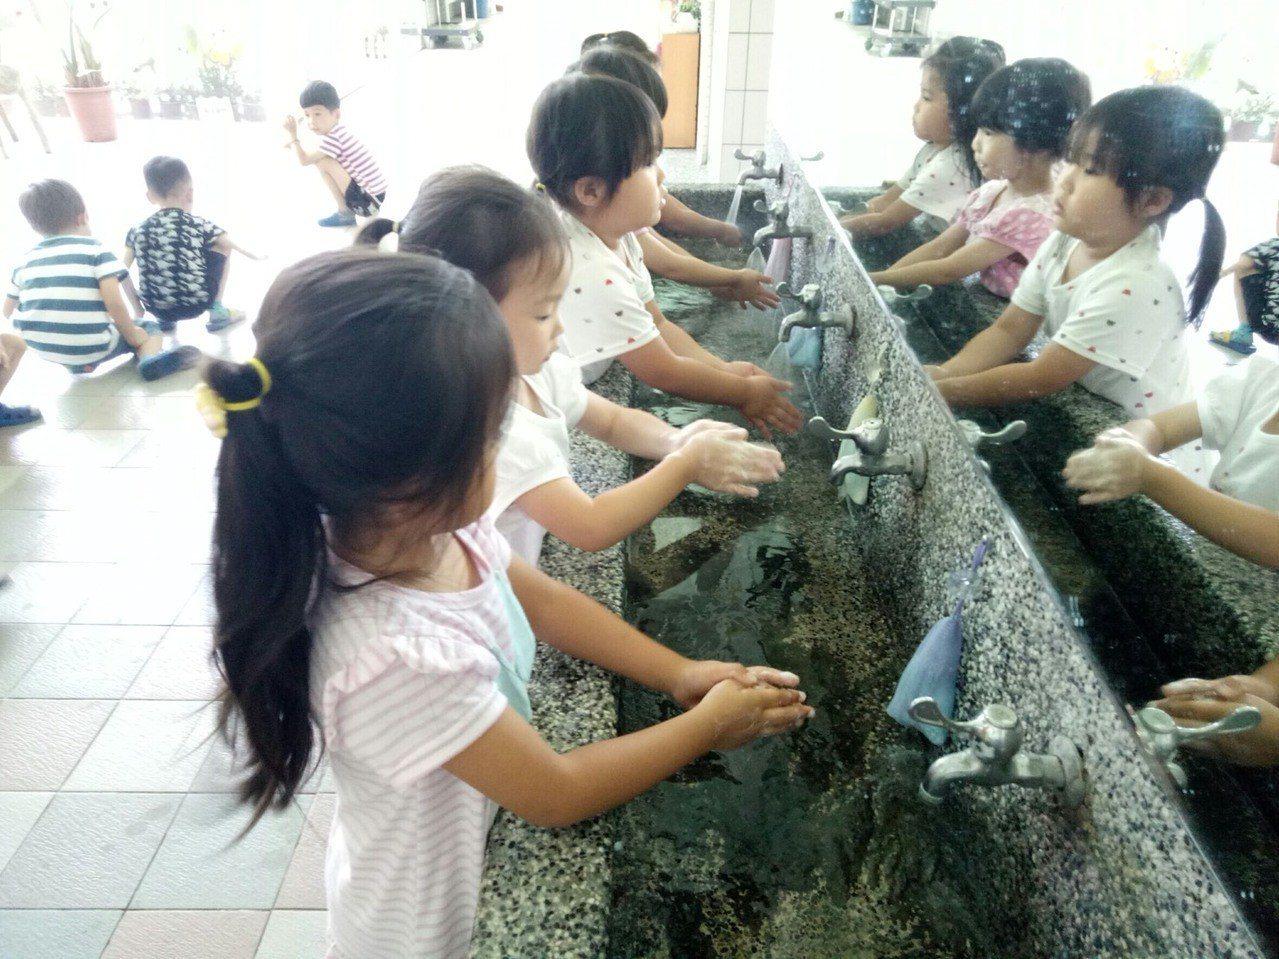 避免感染腸病毒,勤洗手最有效。 圖/桃園市衛生局提供